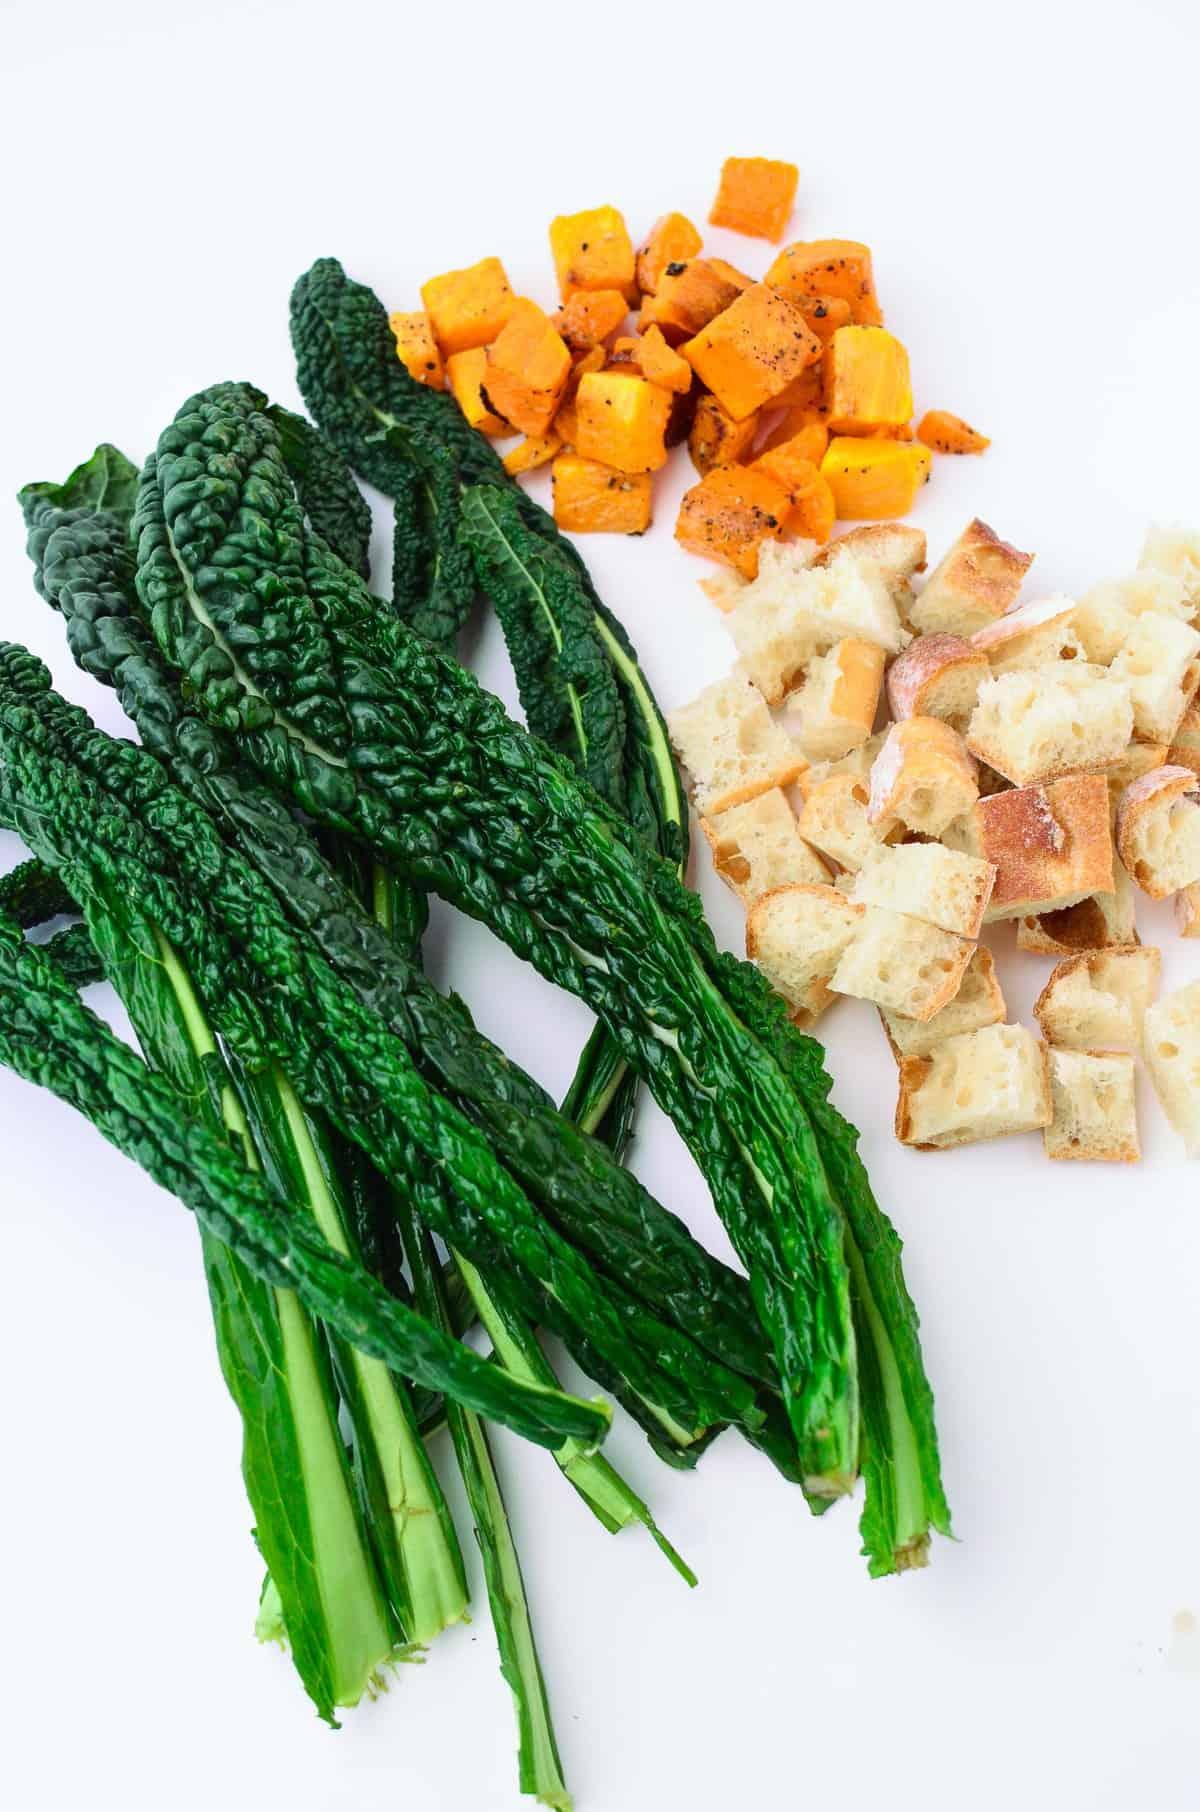 kale butternut squash panzanella salad